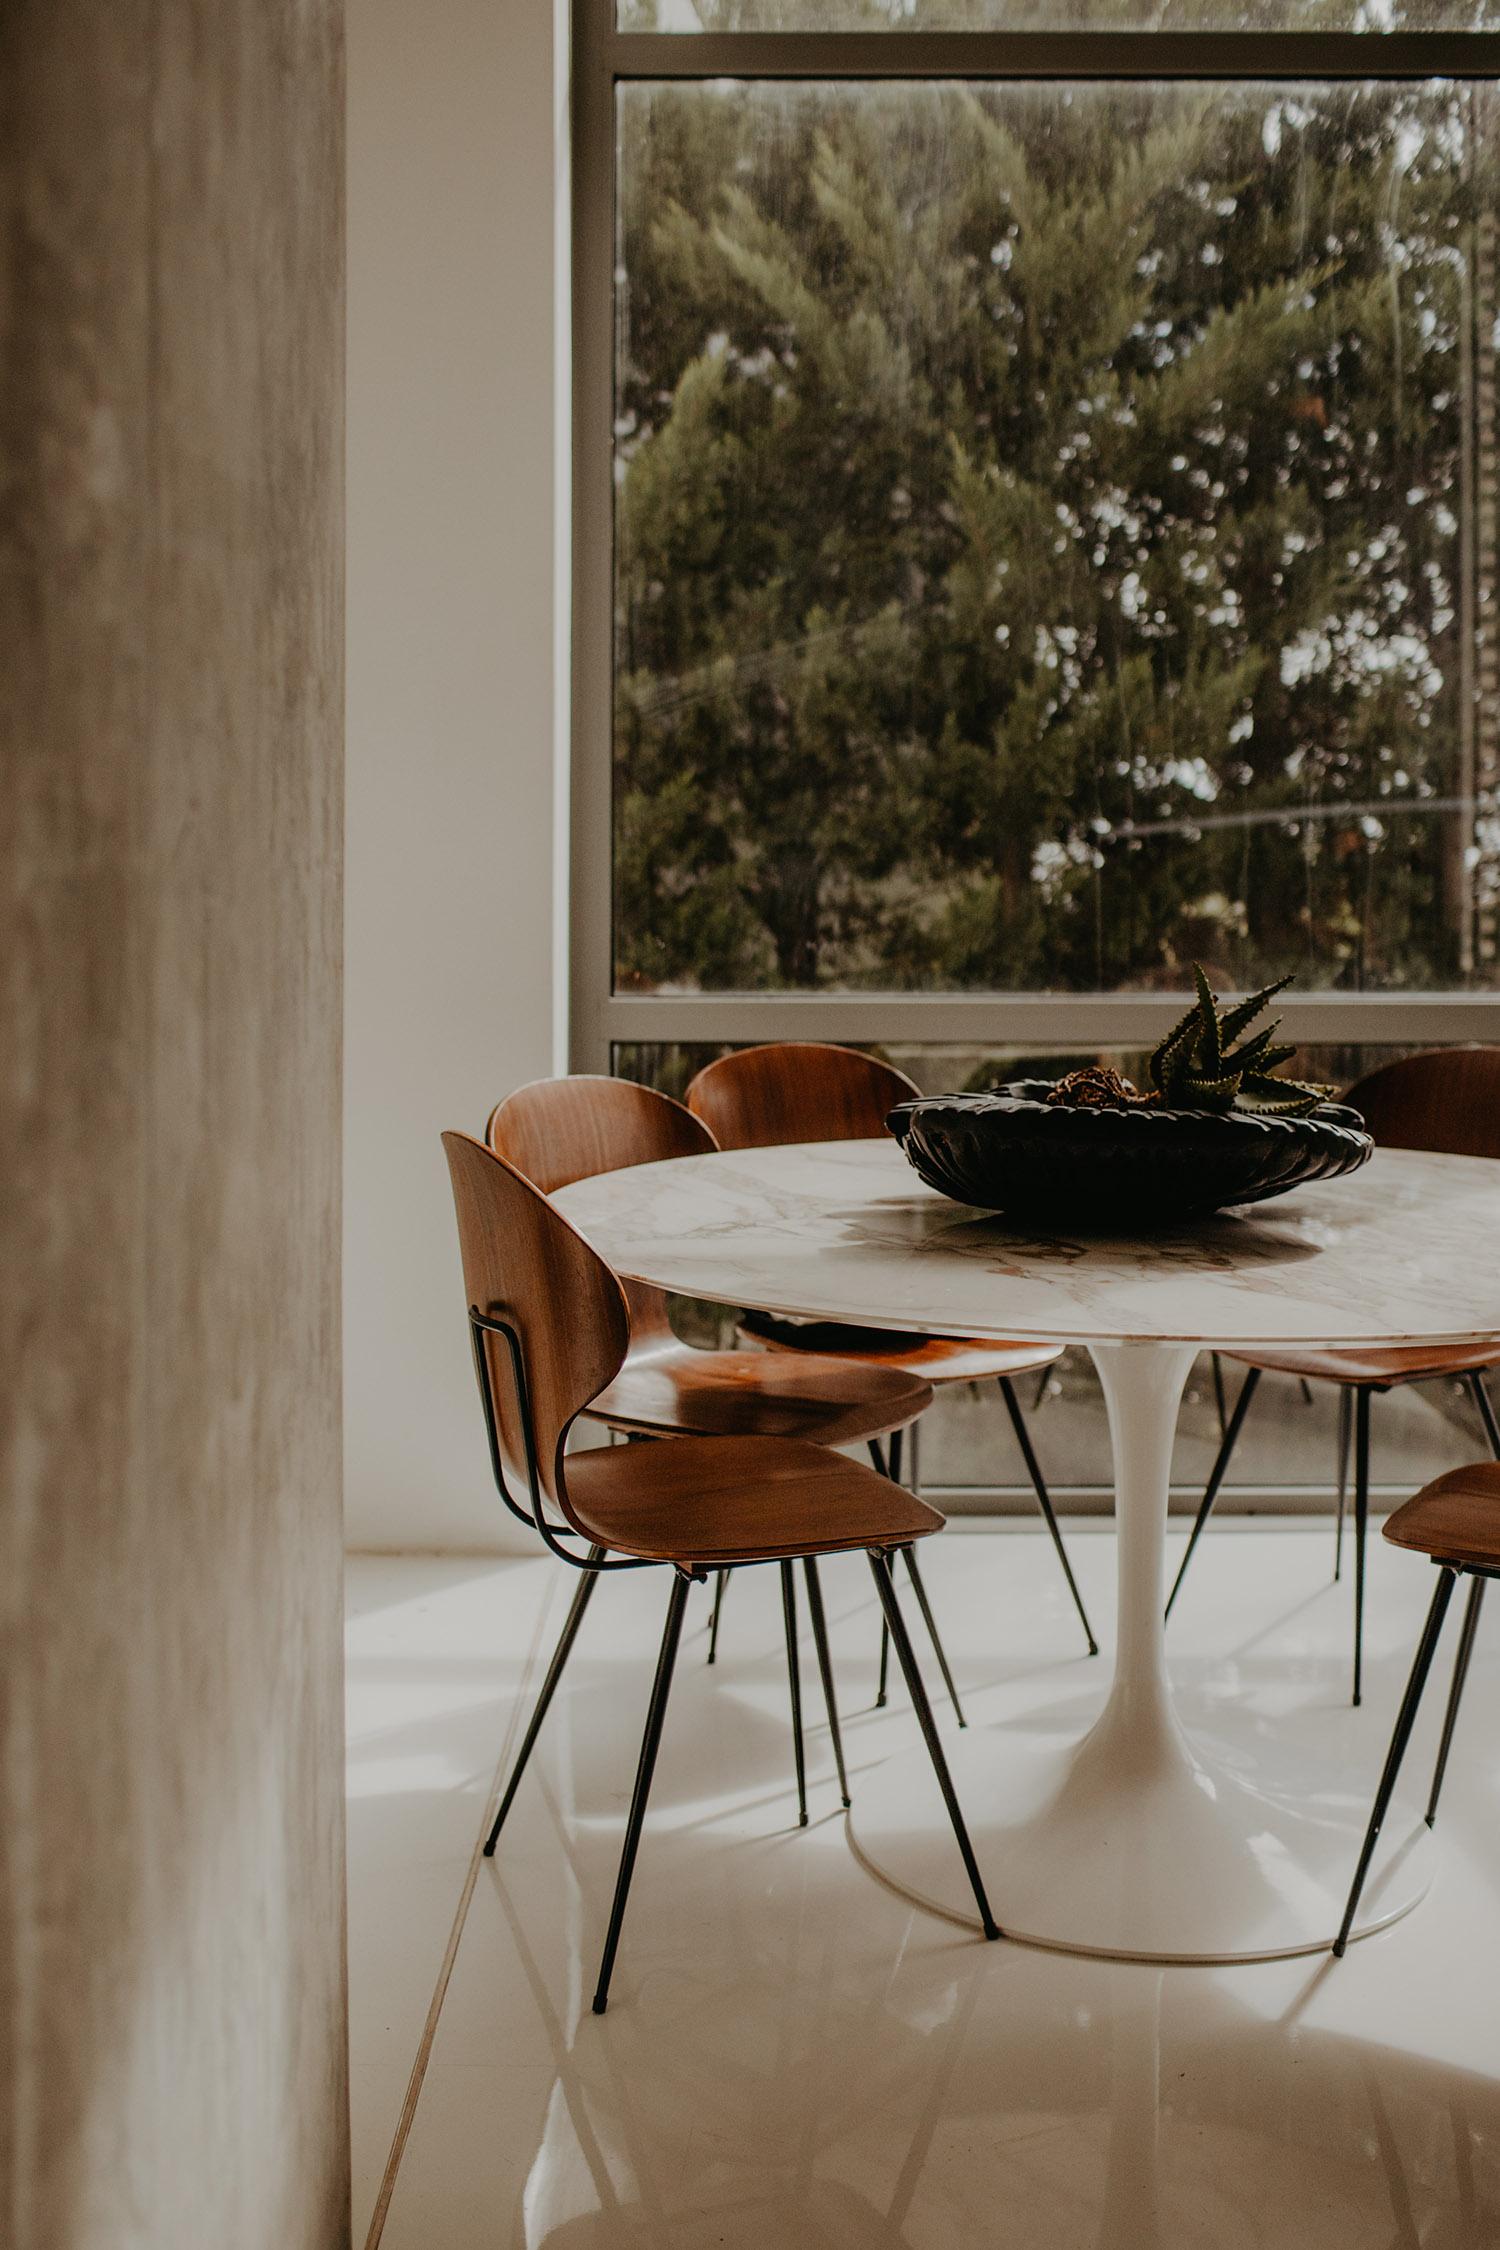 Interiorfotograf-Hotelfotografie-Fotoproduktion-Anna-Fichtner-Fotograf-Frankfurt-i14